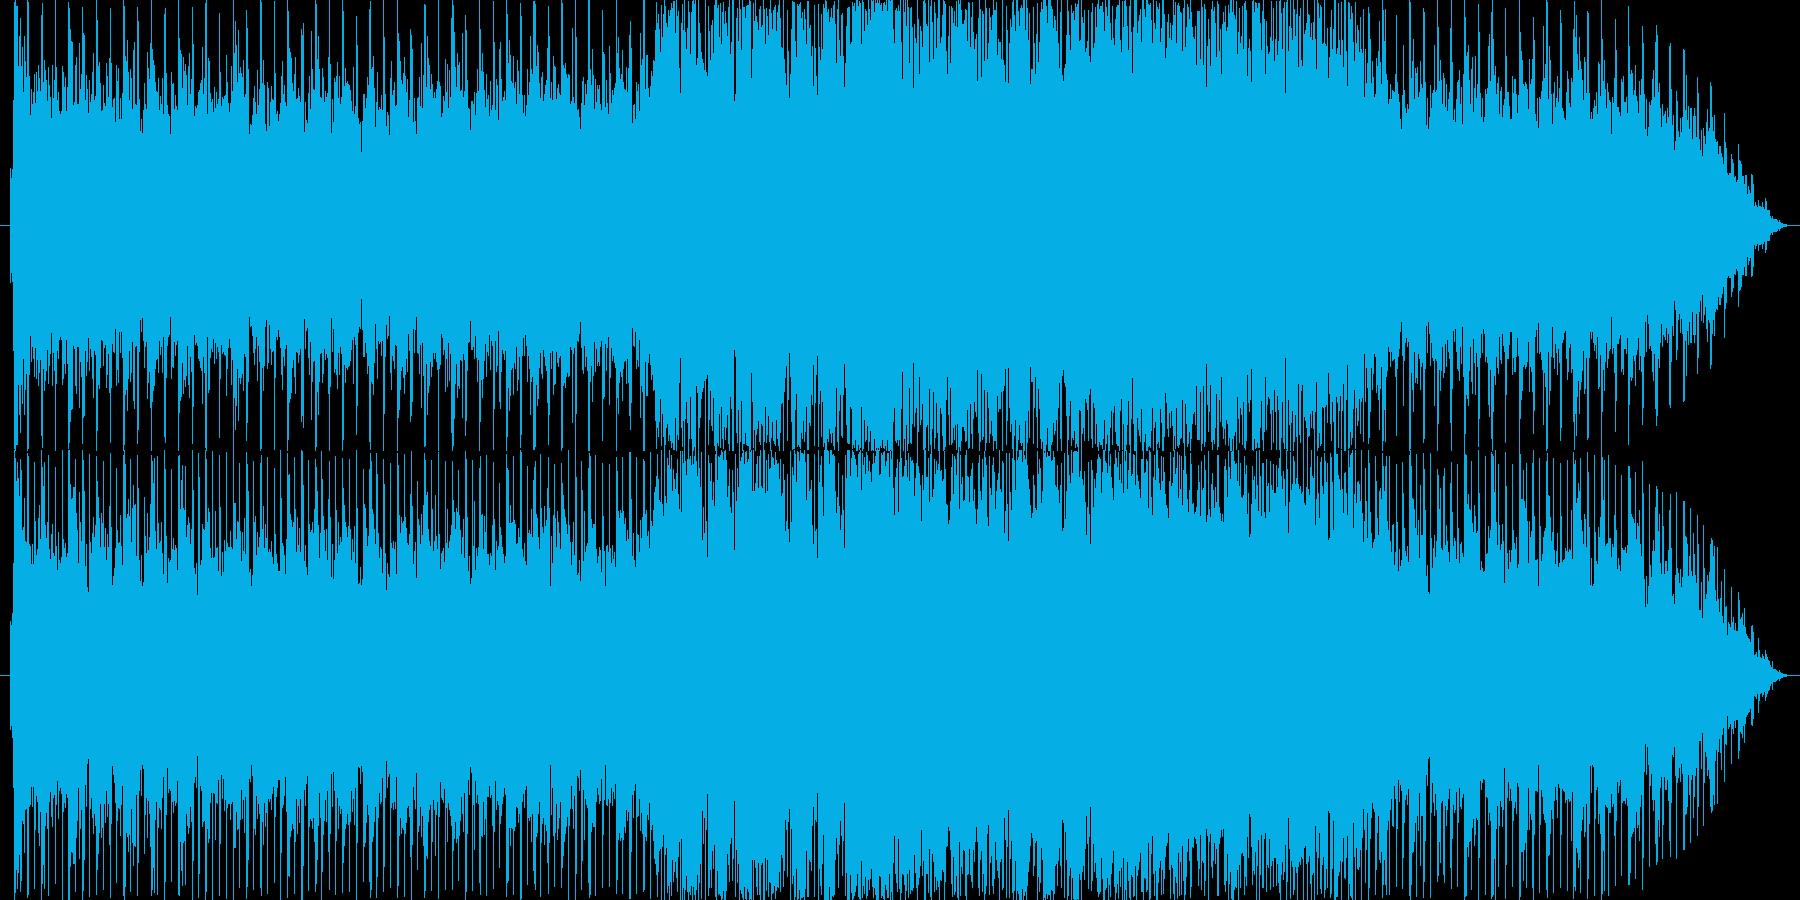 混沌とした世界をイメージしたBGMの再生済みの波形